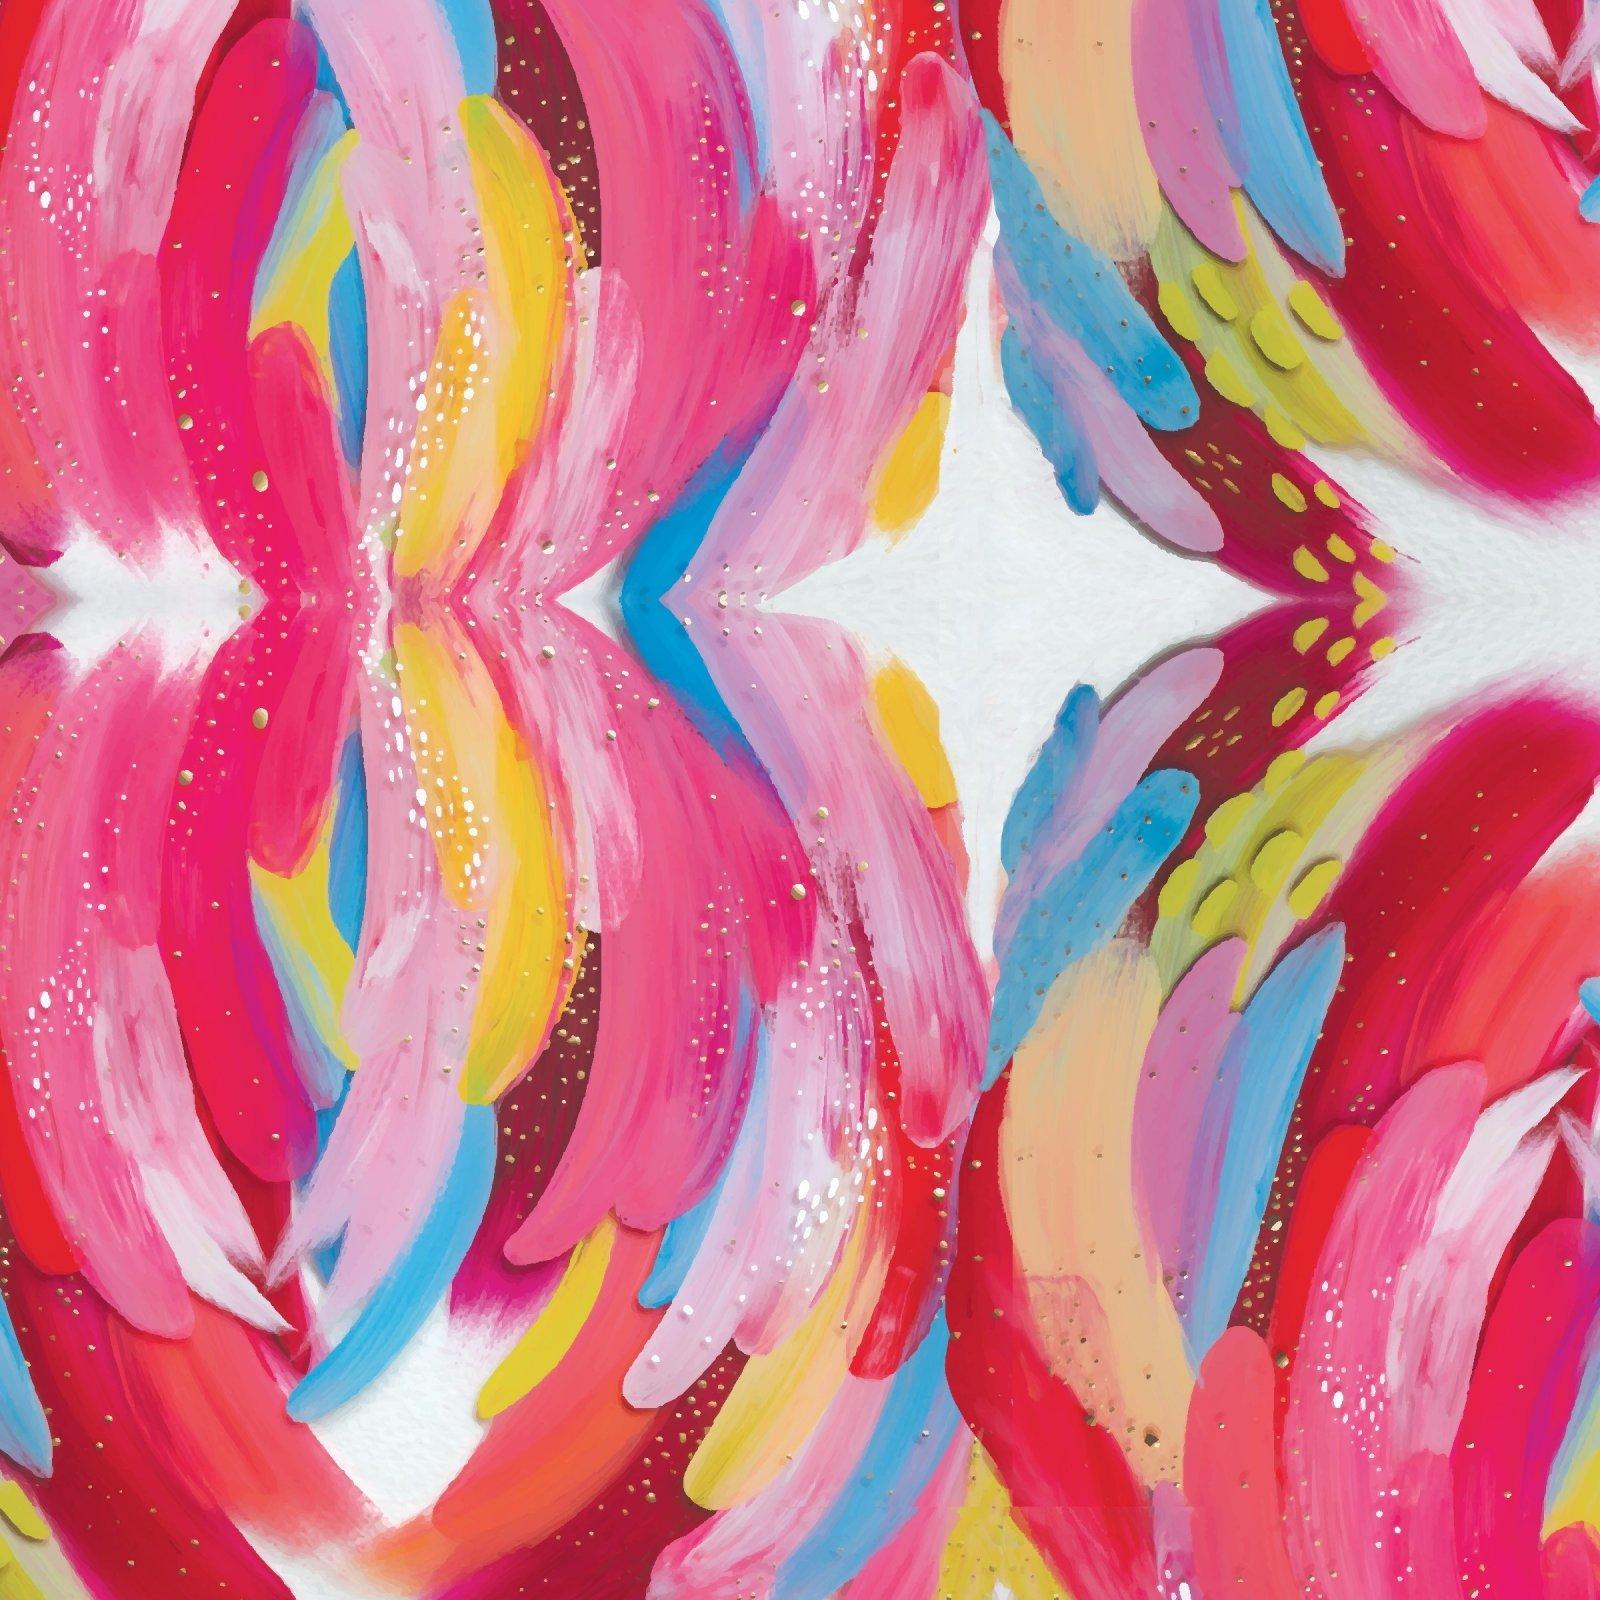 Artsy Brights 14855 Pink - Abstract